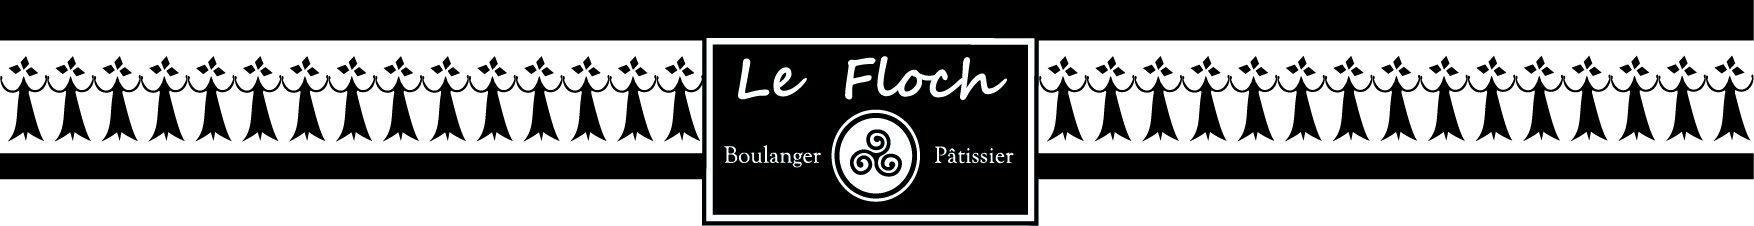 Frise A4 Le Floch Boulanger Pâtissier